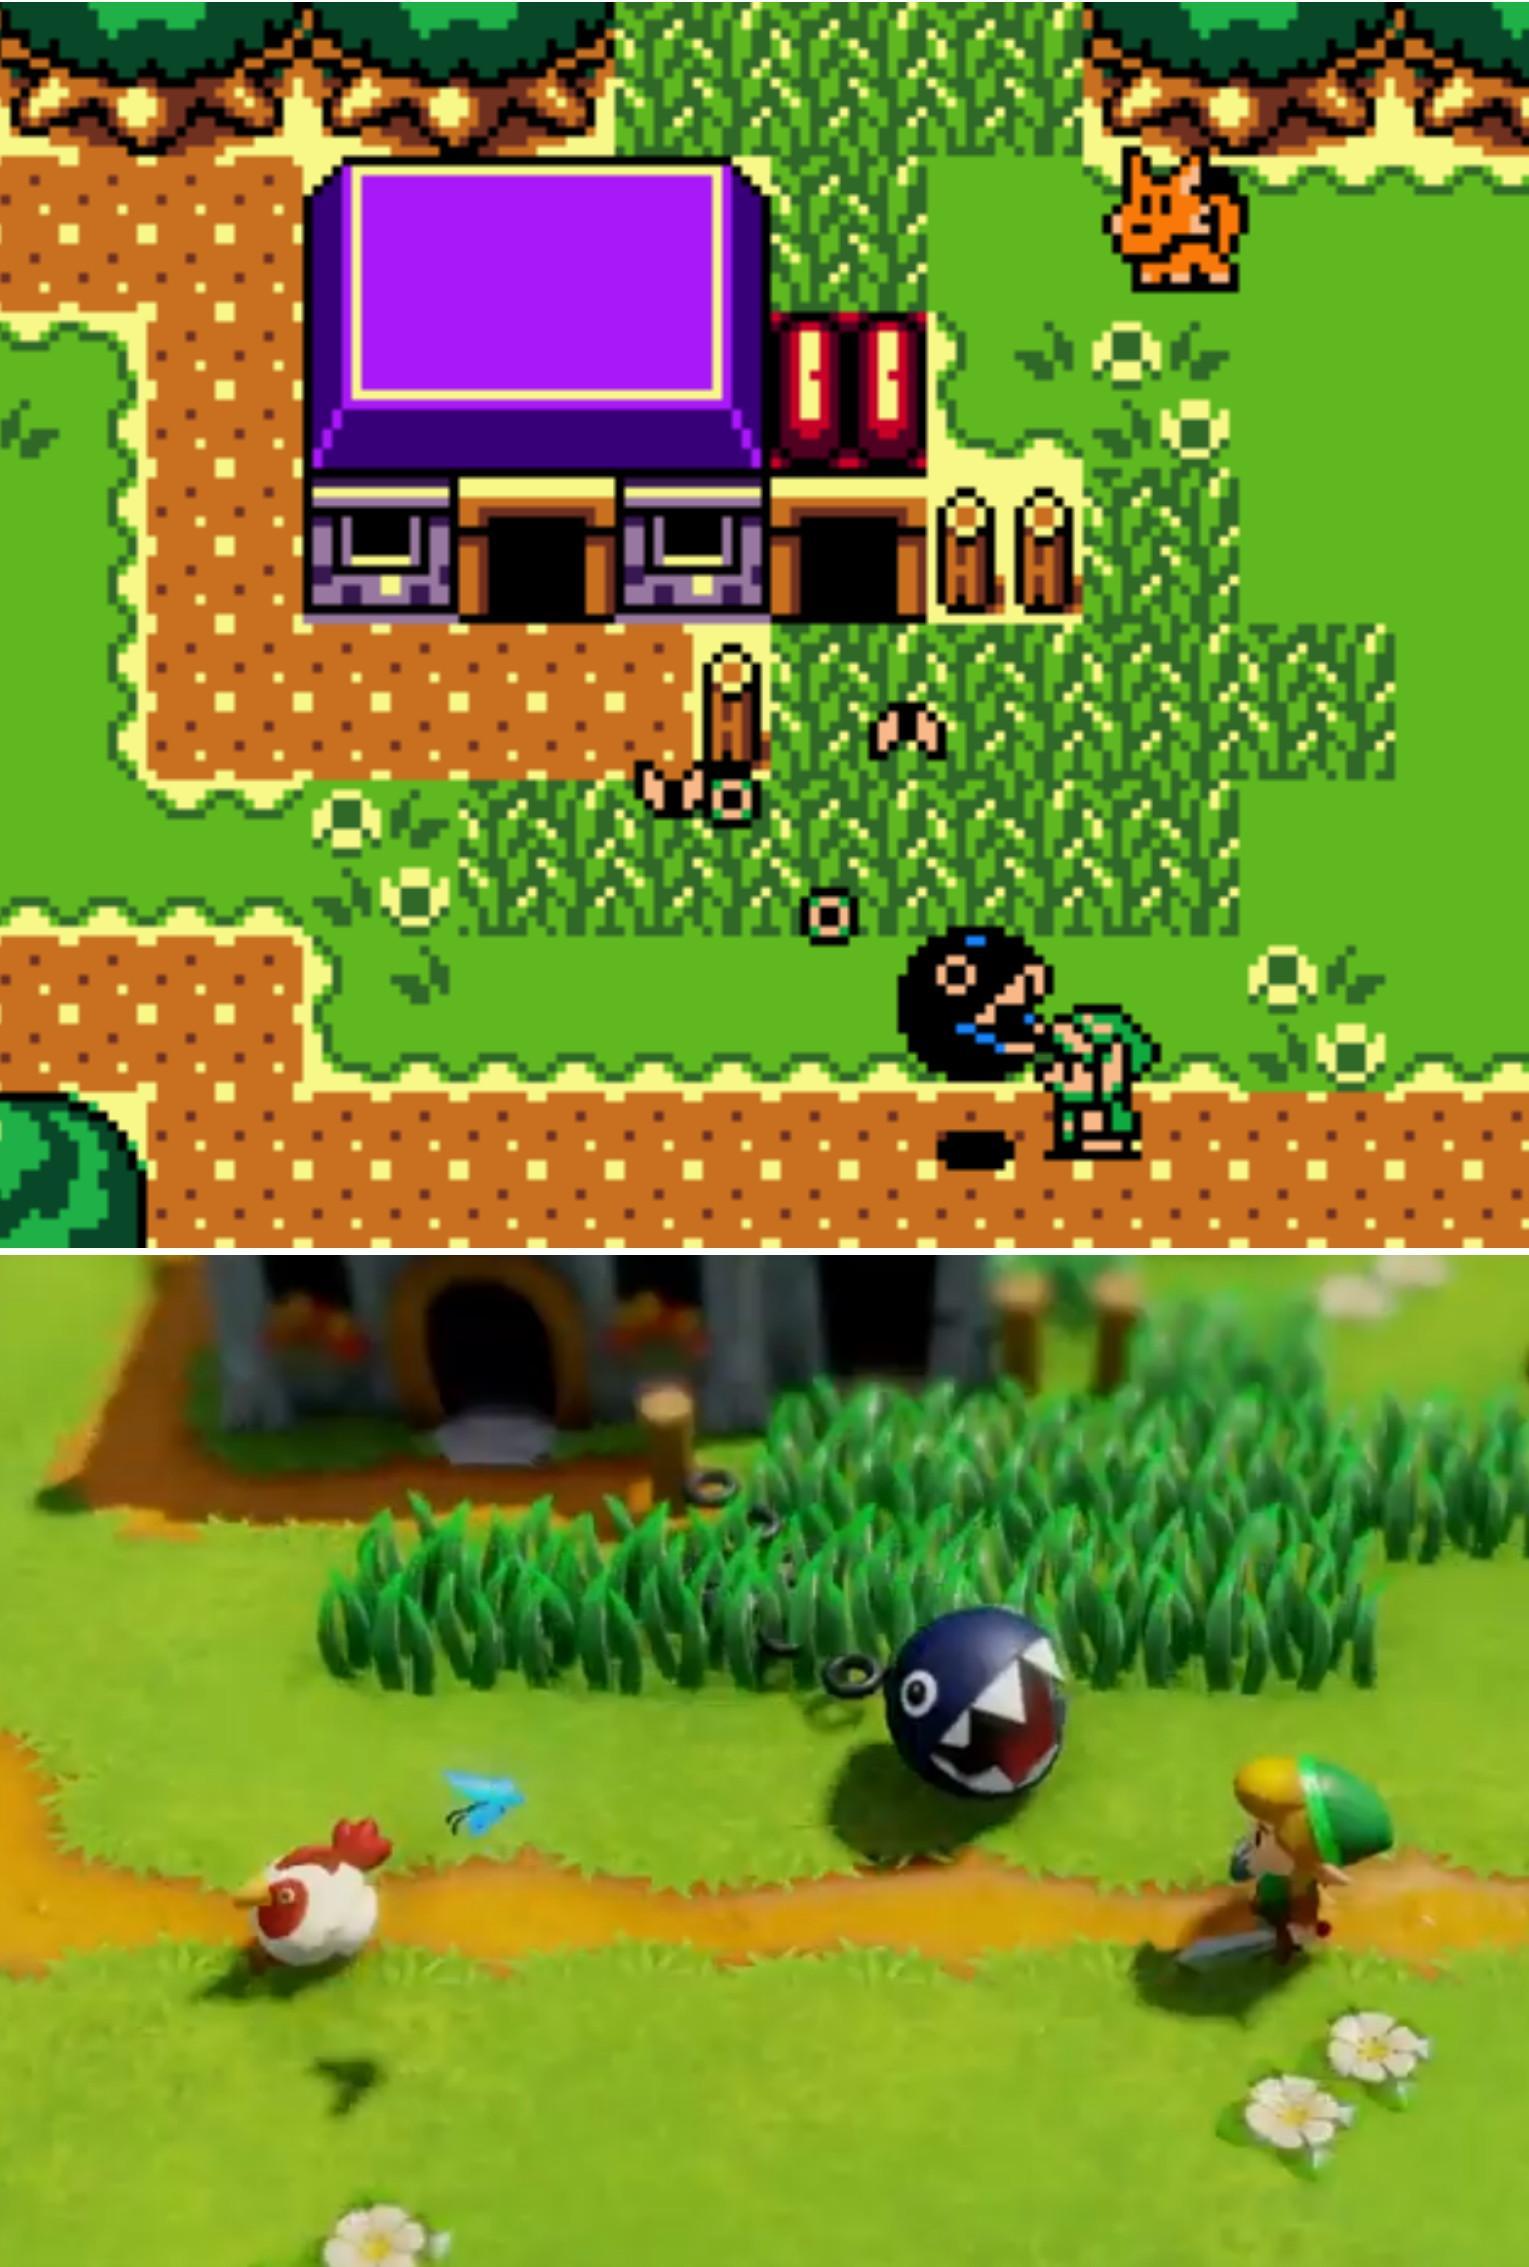 The Legend Of Zelda Link S Awakening Tonight We Re Gonna